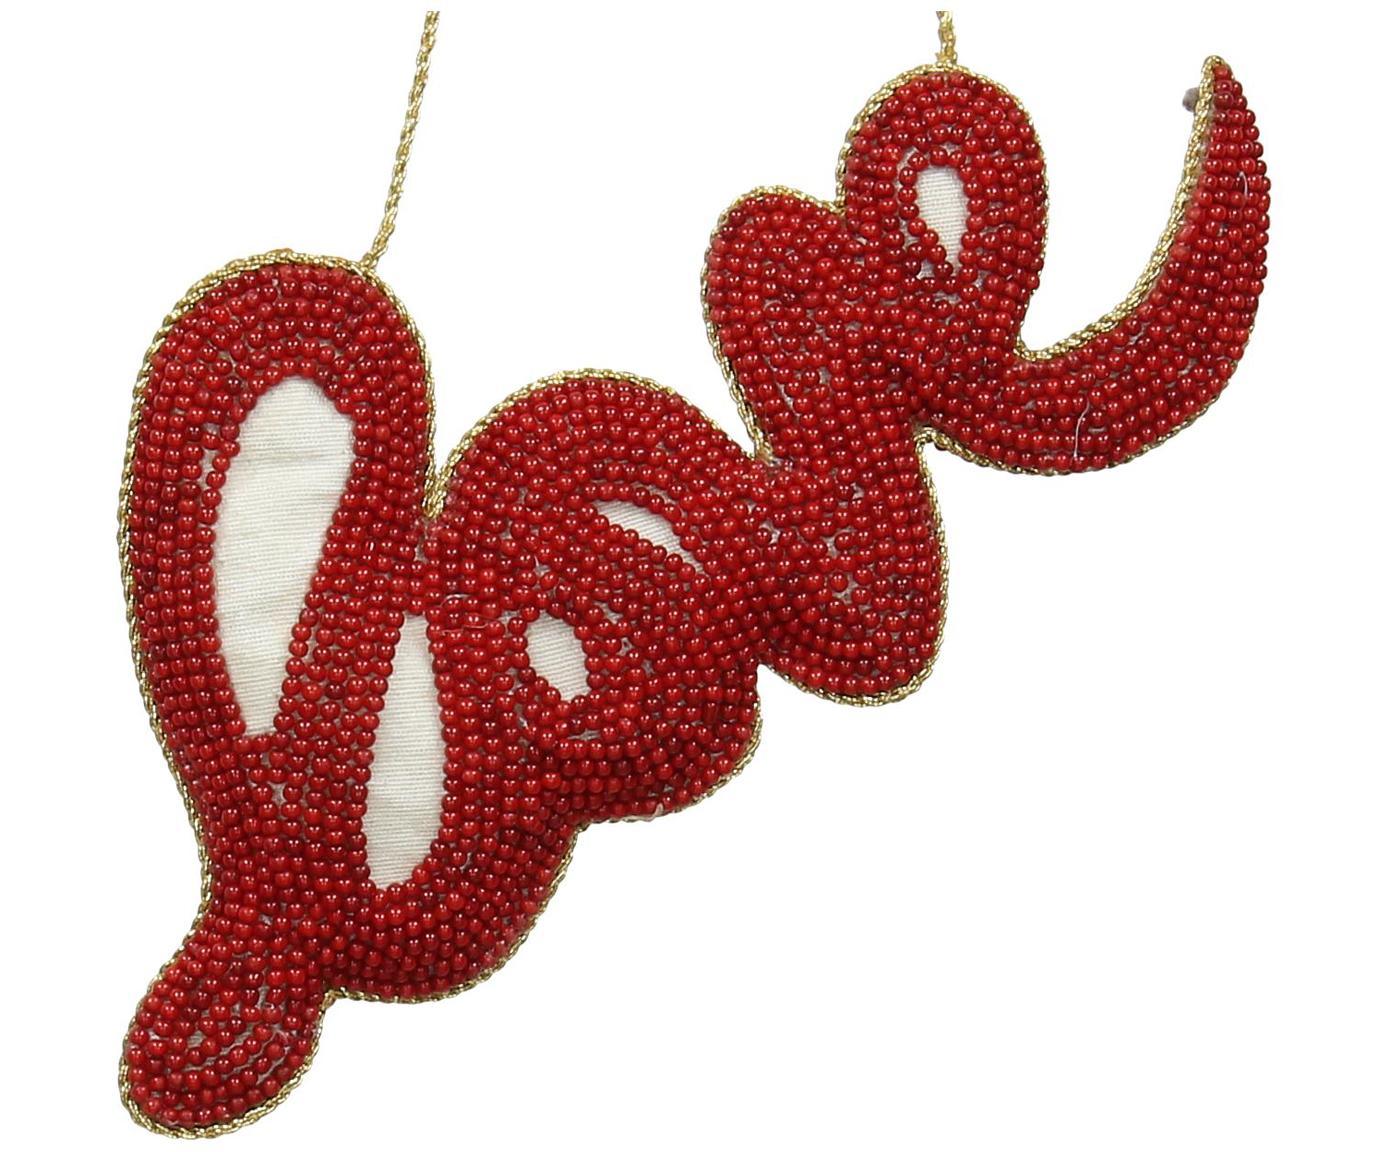 Baumanhänger Love, Rot, 16 x 8 cm